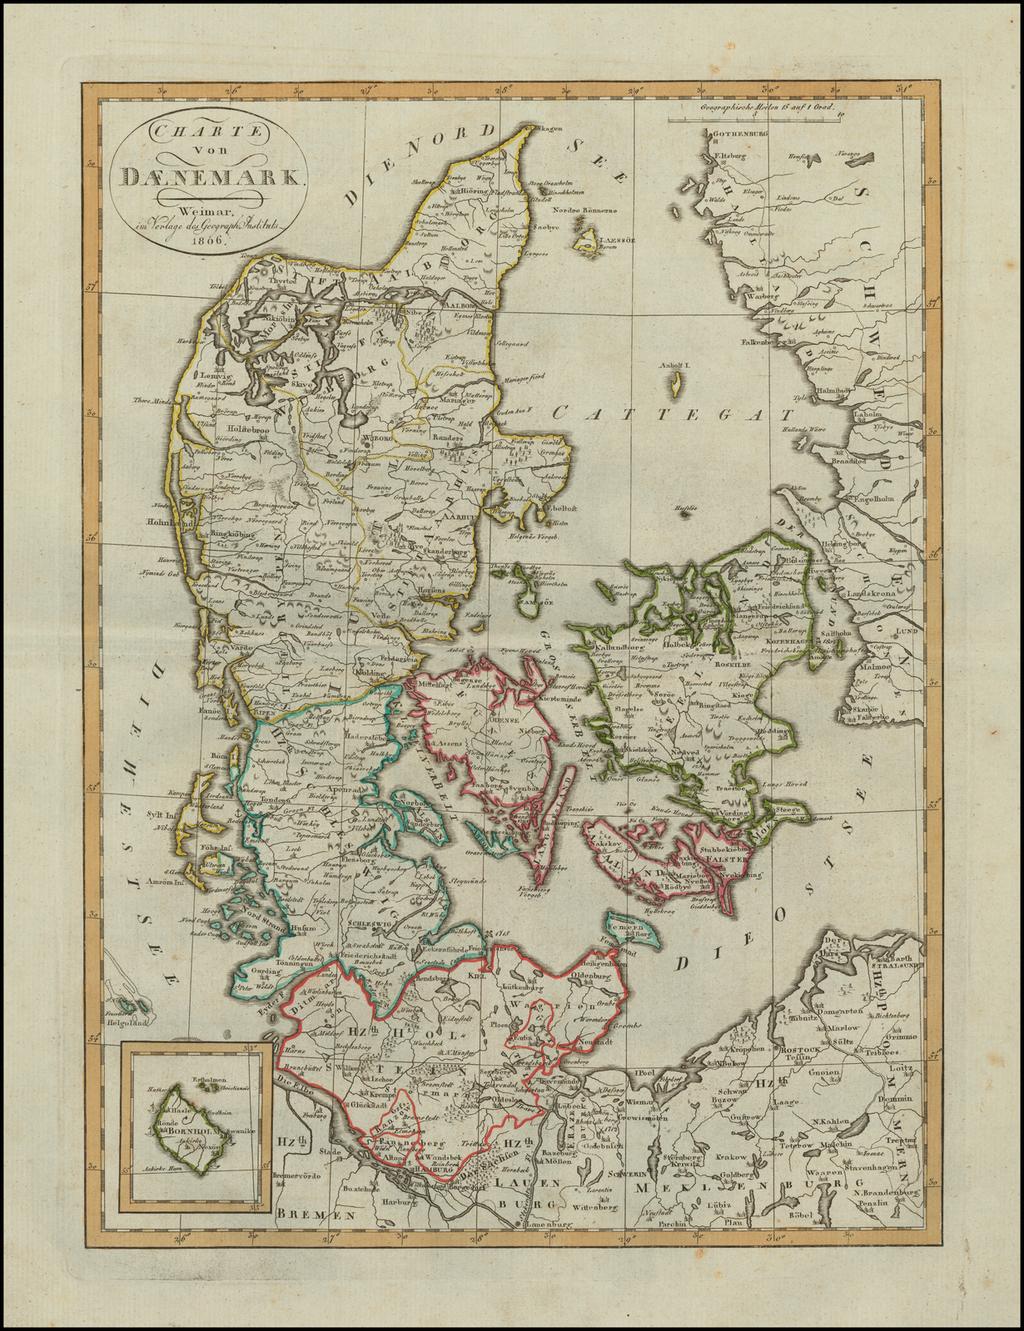 Charte von Daenemark . . . 1806 By Weimar Geographische Institut